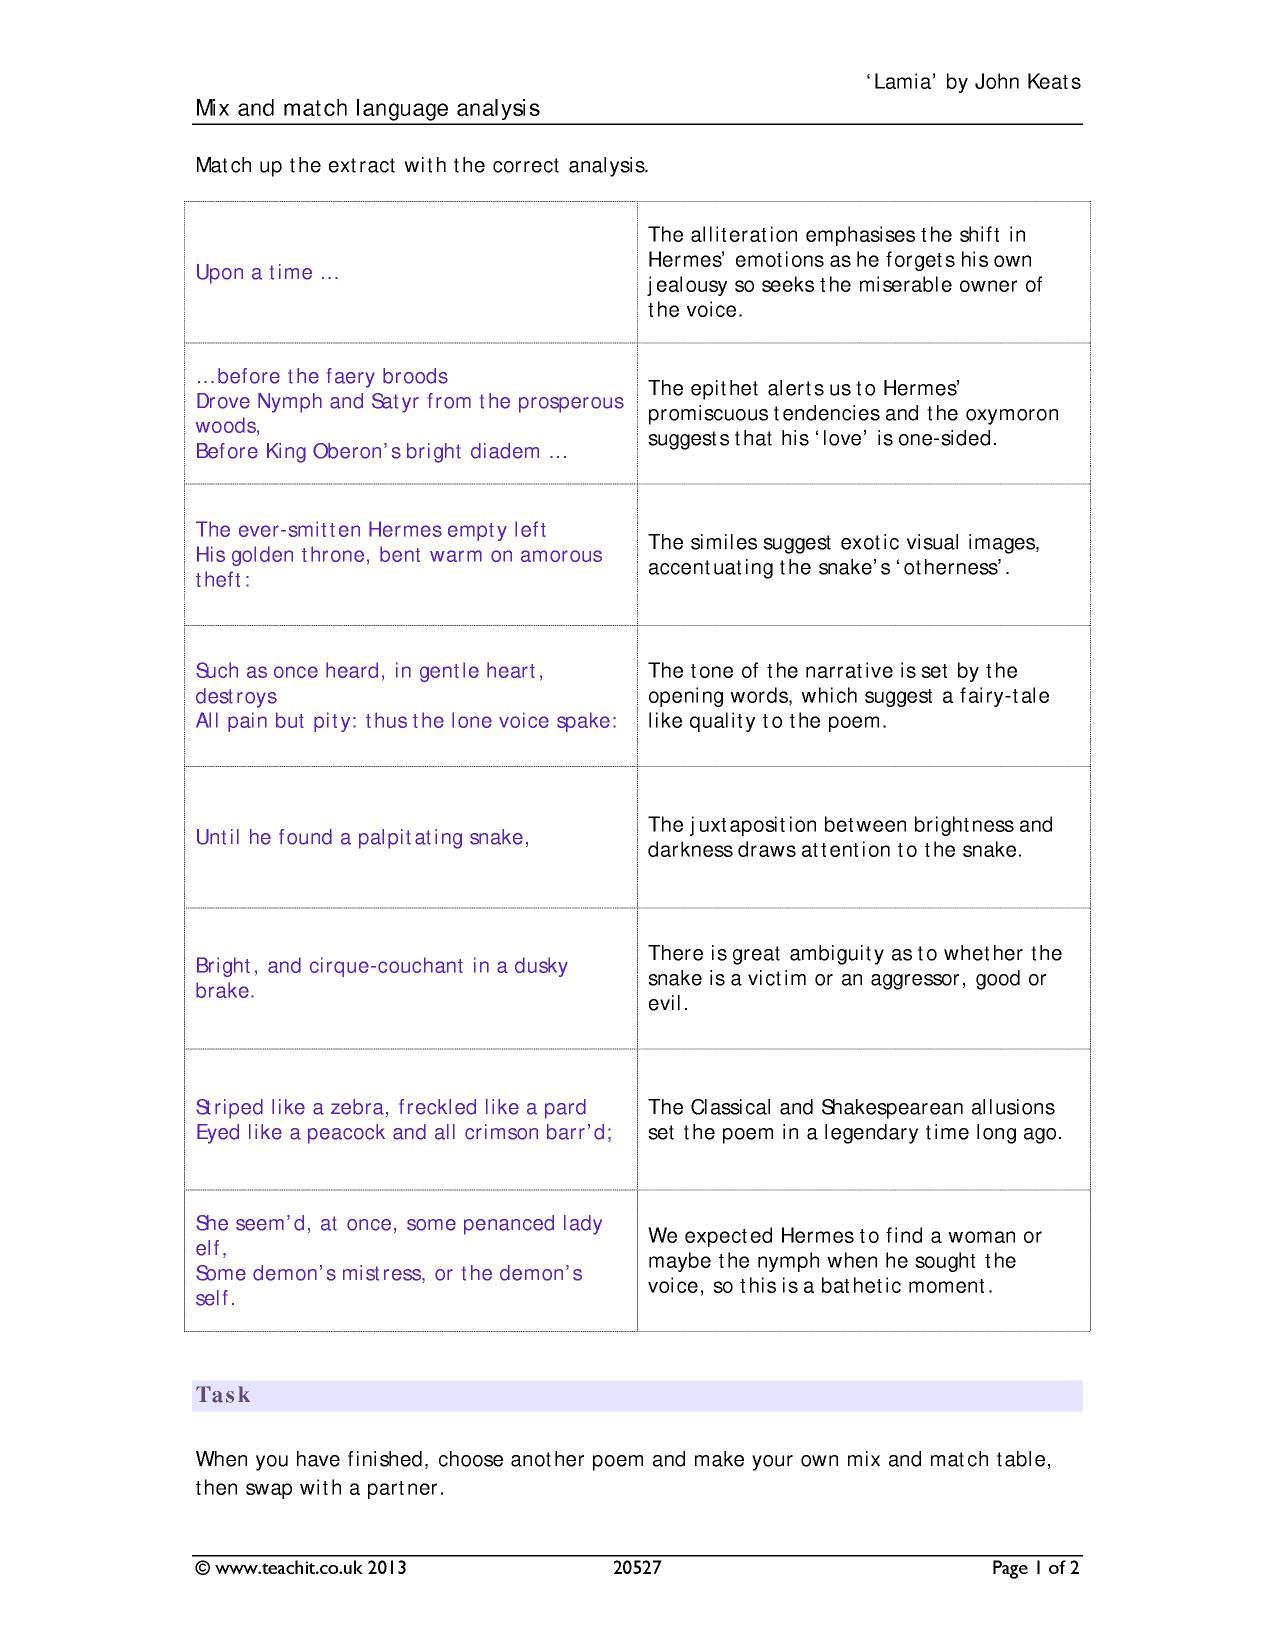 worksheet Poem Analysis Worksheet analysis search results teachit english 4 preview